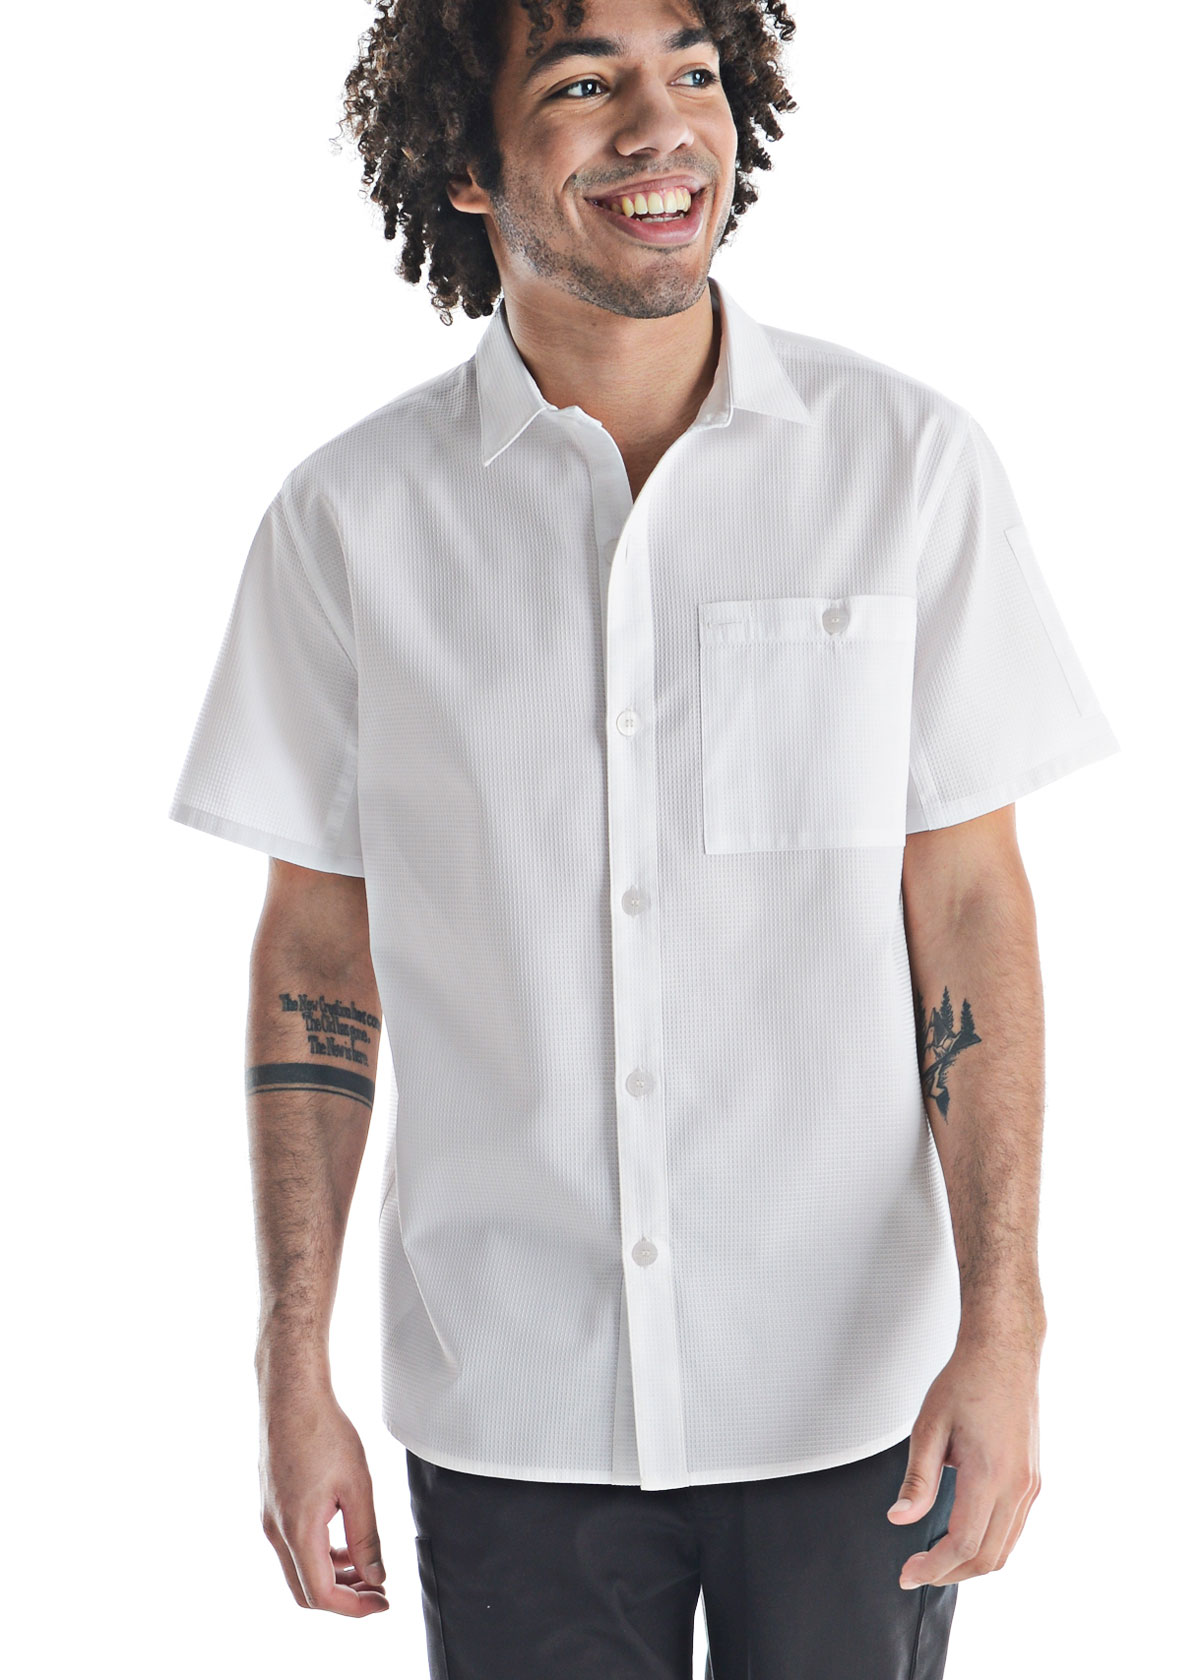 Unisex Slim Short Sleeve Performance Waffle Kitchen Shirt (CW4330)